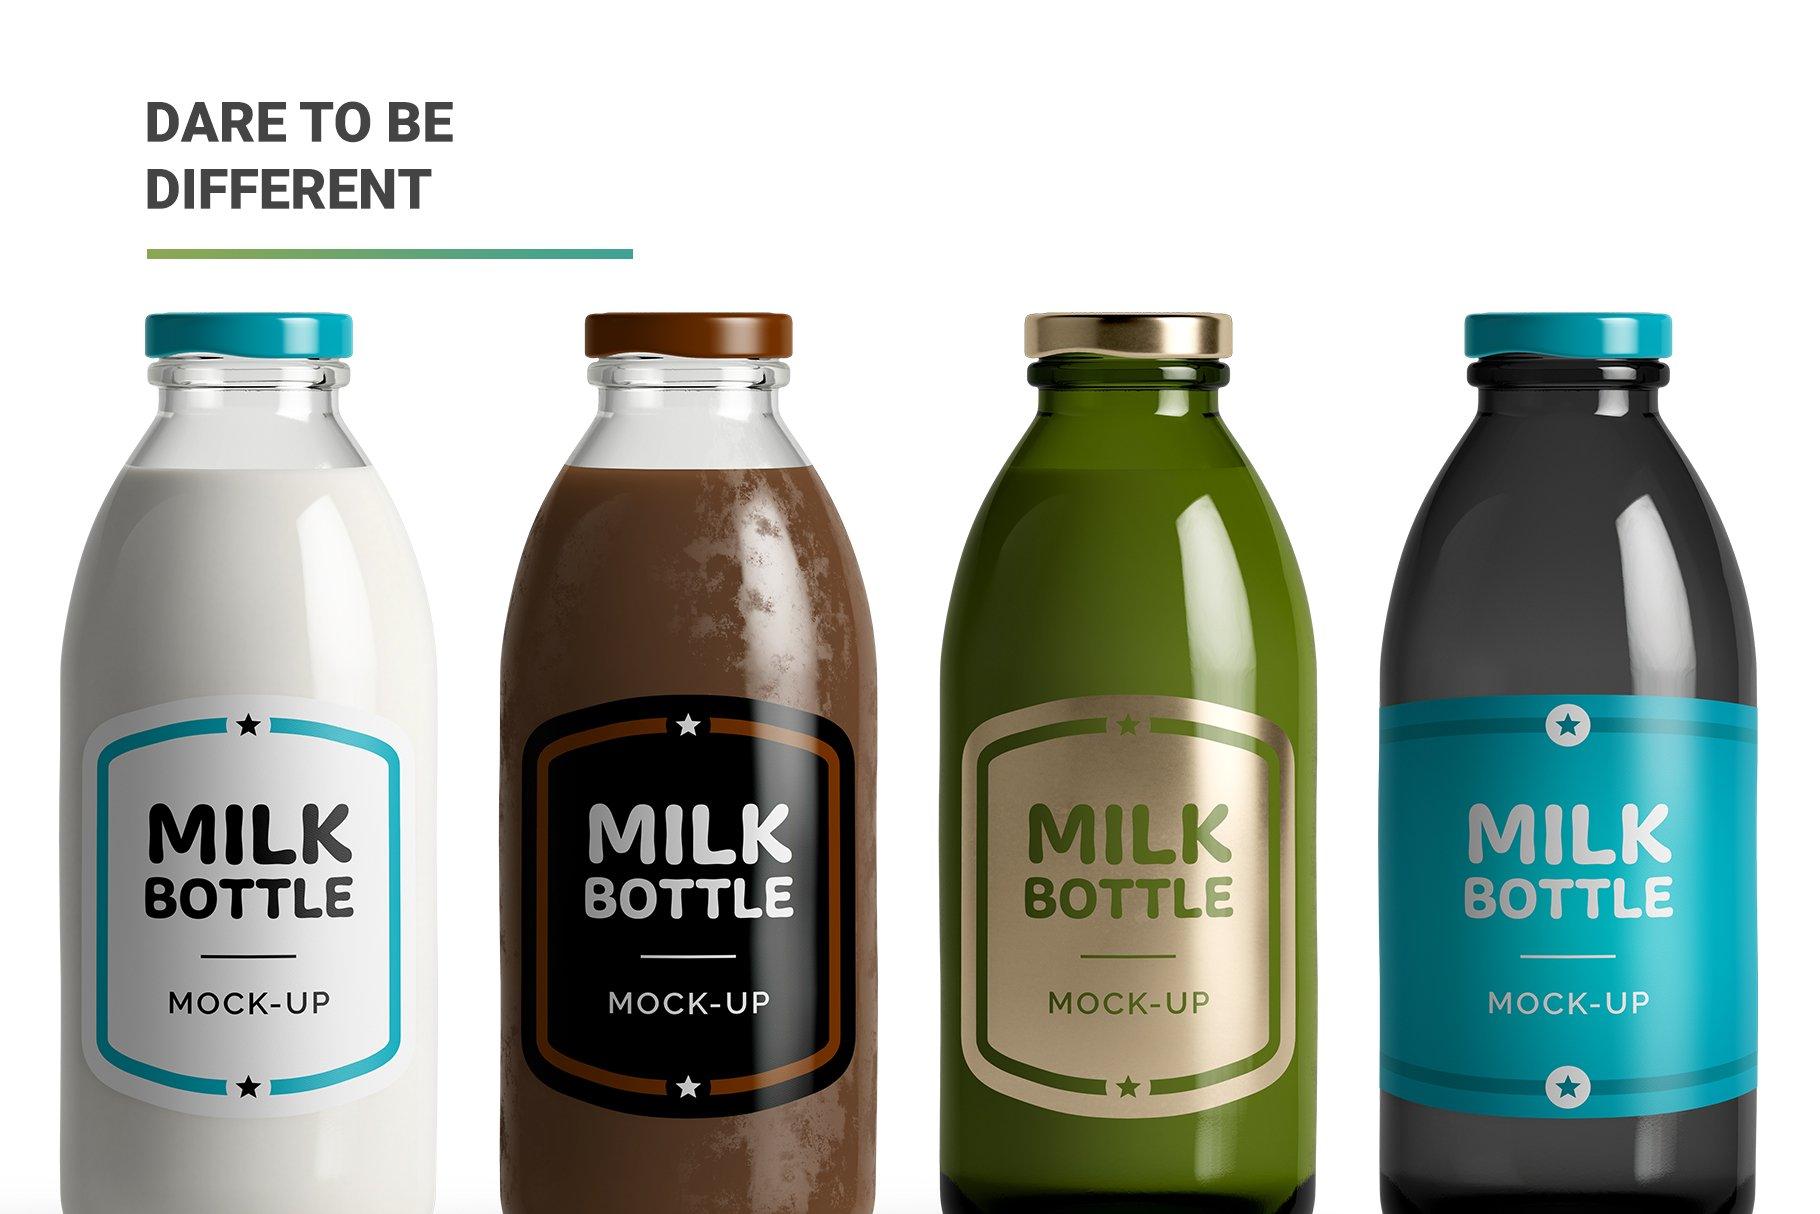 高分辨率鲜奶玻璃瓶设计展示贴图样机 Milk Cocoa Bottle Mockup插图1